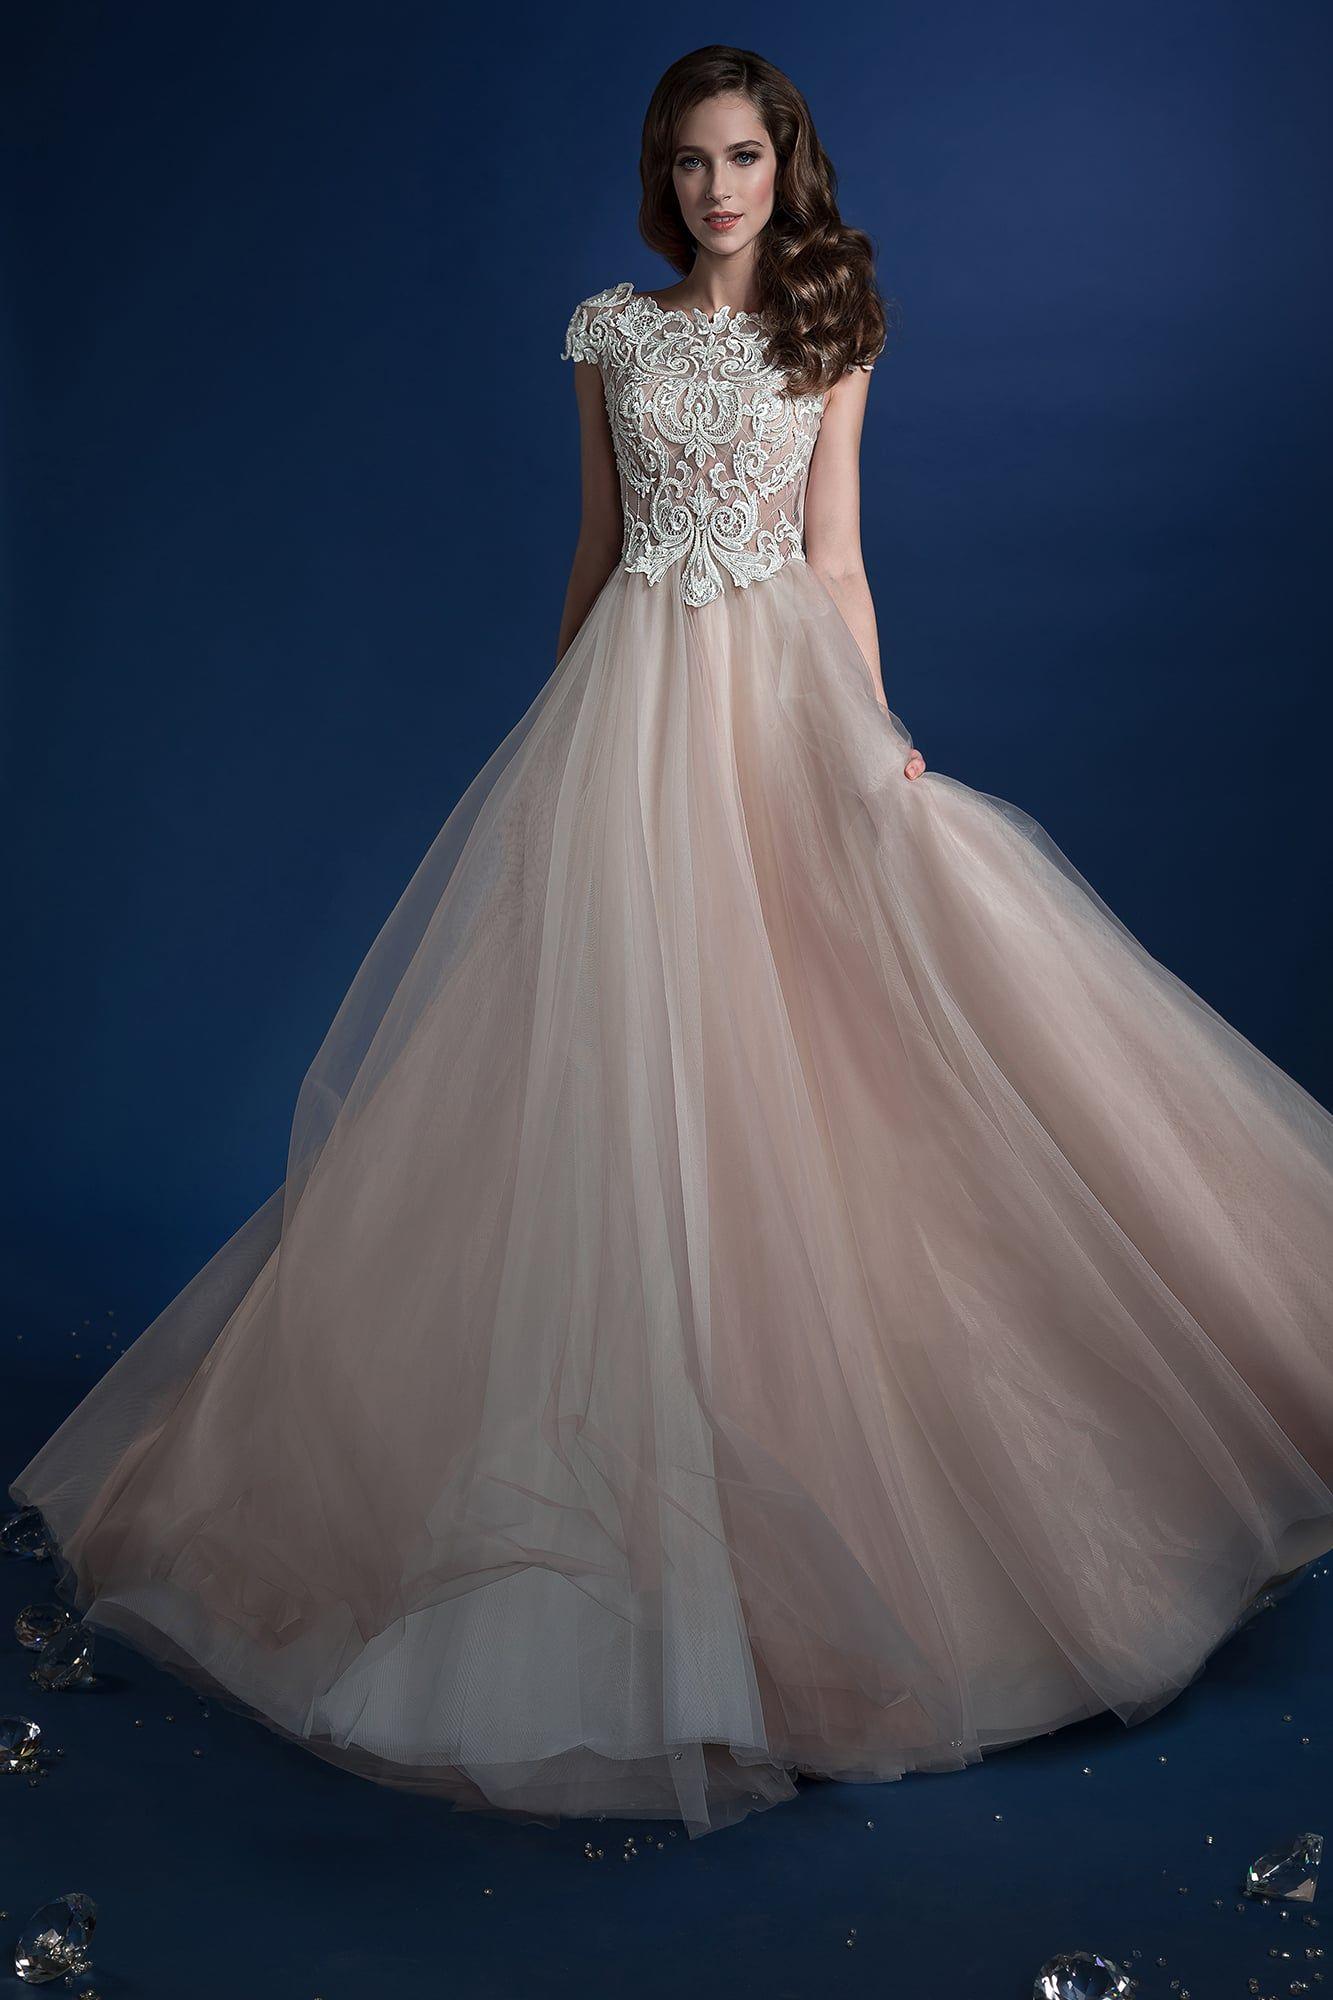 37dc99705a6 Свадебное платье Gabbiano Камерон ▷ Свадебный Торговый Центр Вега в Москве